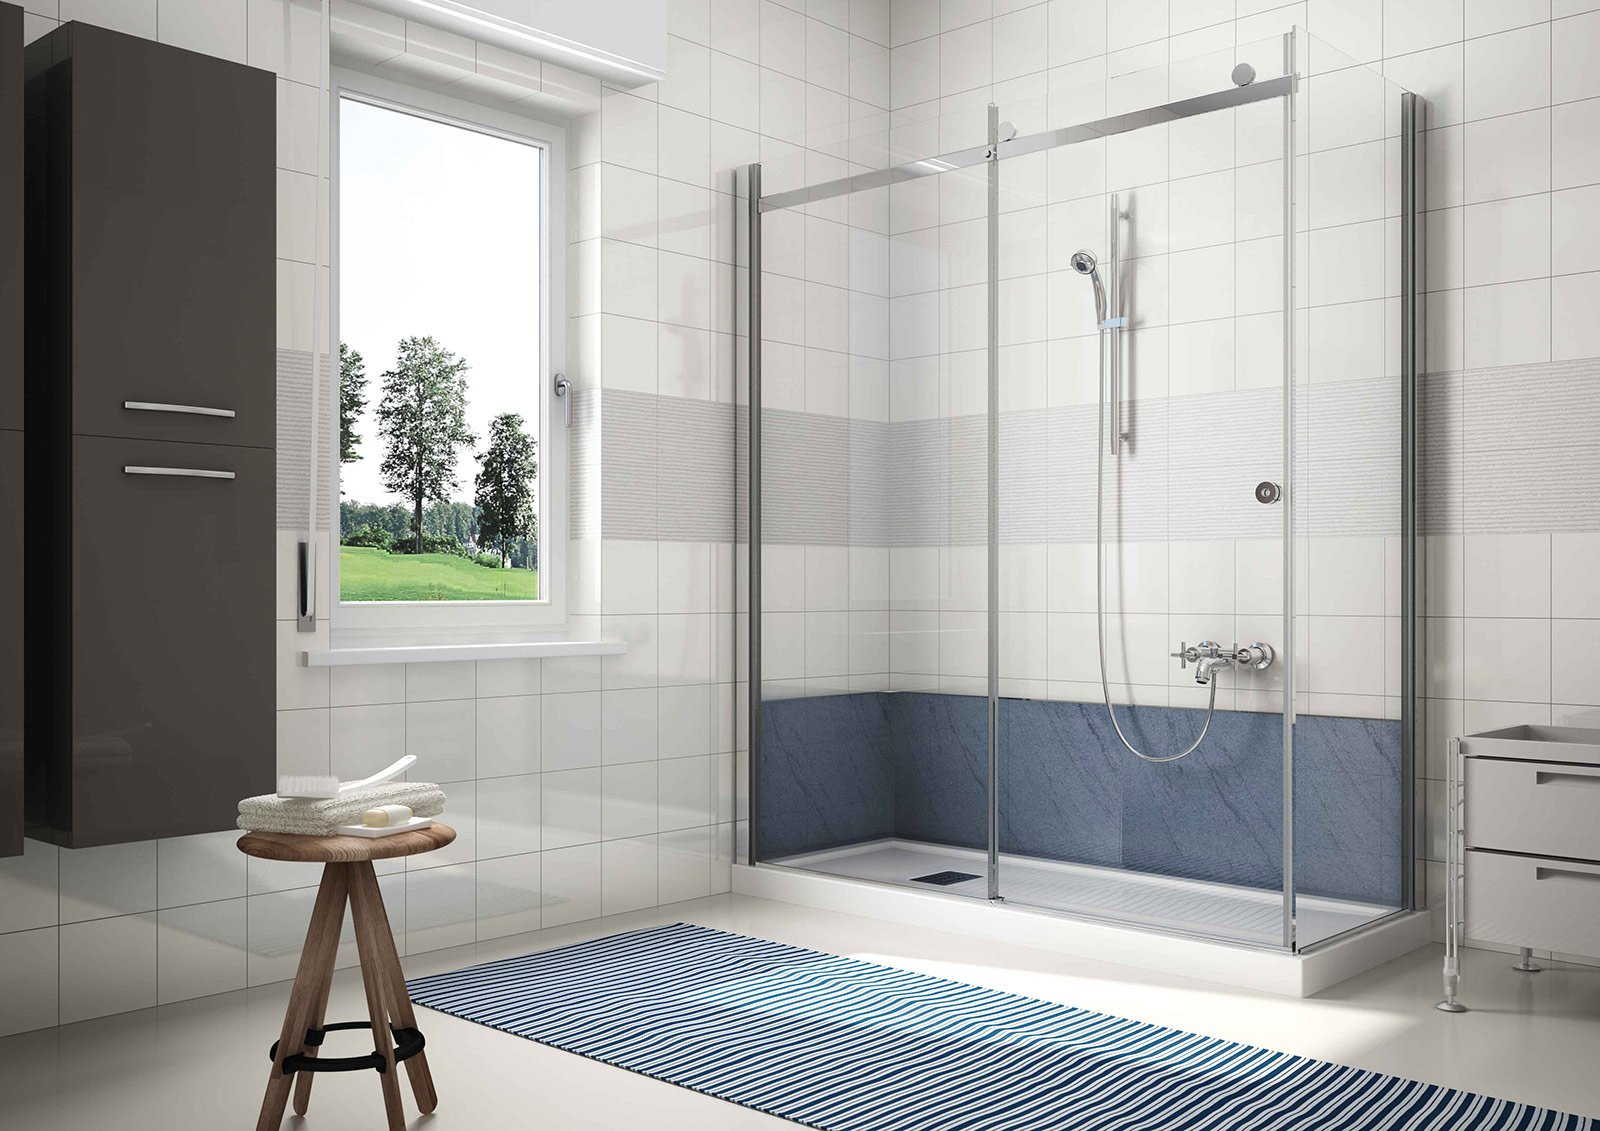 La vasca diventa doccia in poco tempo e senza troppi for Pannelli rivestimento doccia